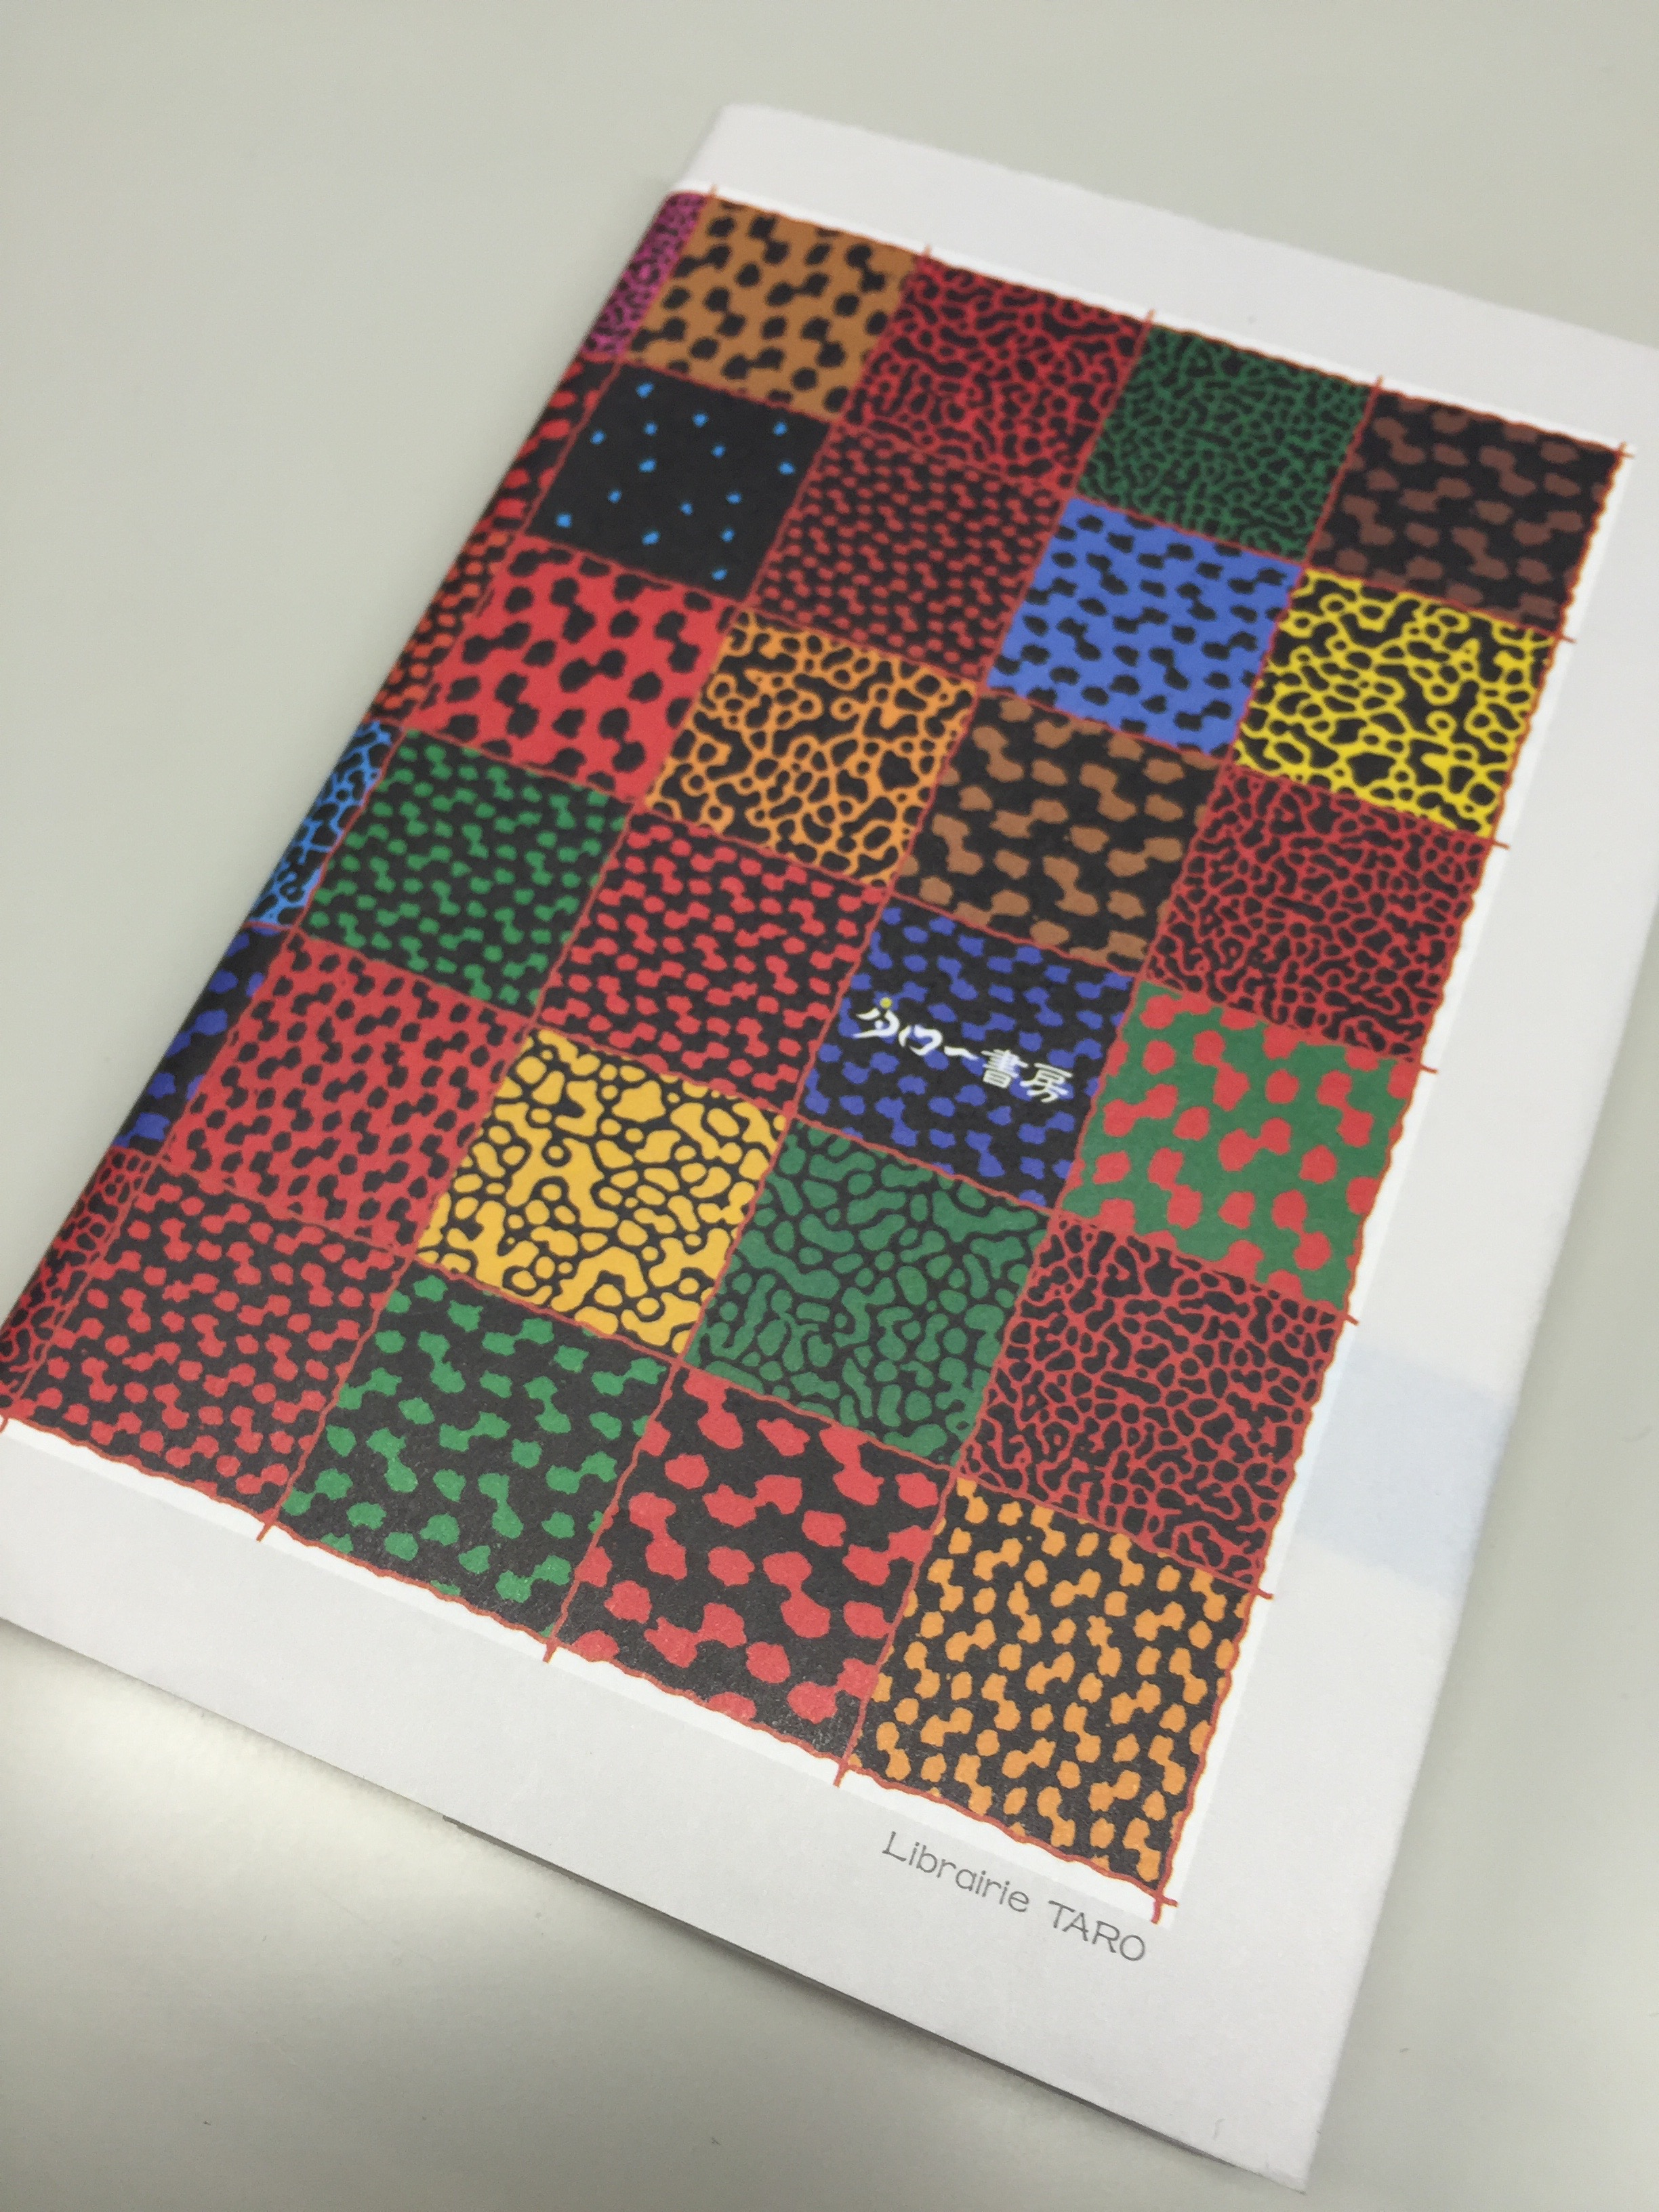 ▲デザイン性のあるブックカバー